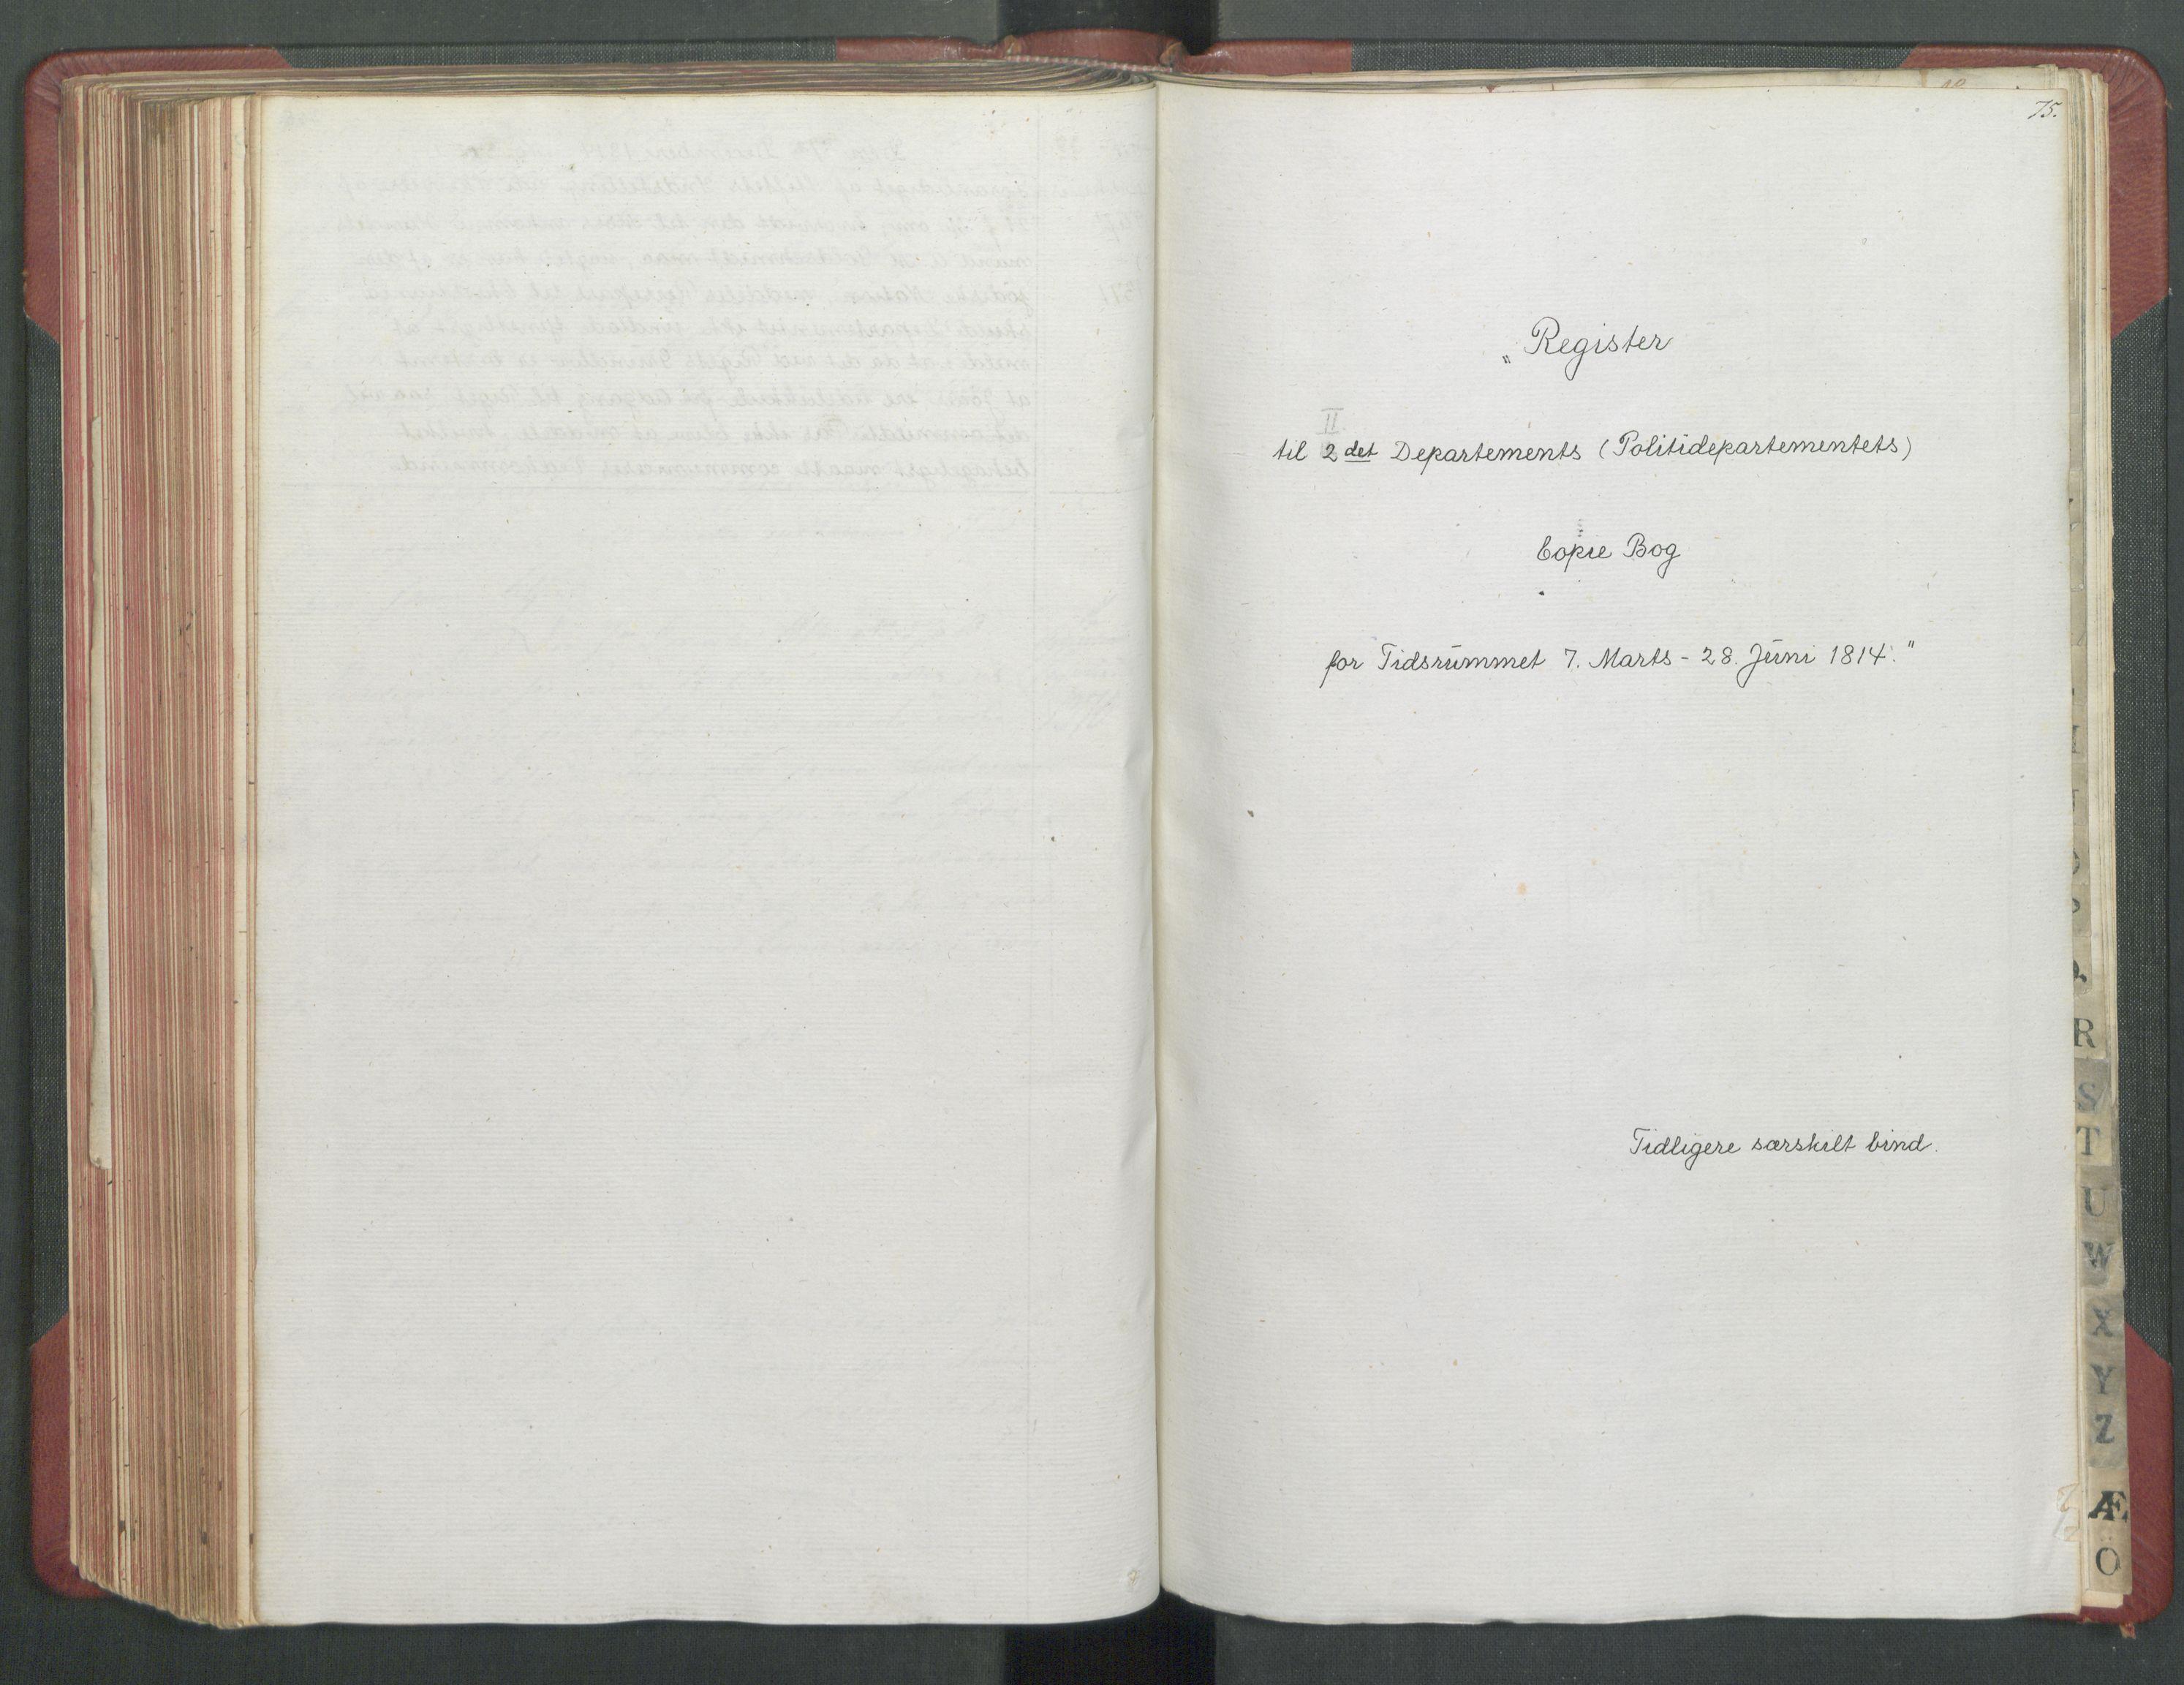 RA, Departementene i 1814, Fb/L0028: Kopibok 1-1371, 1814